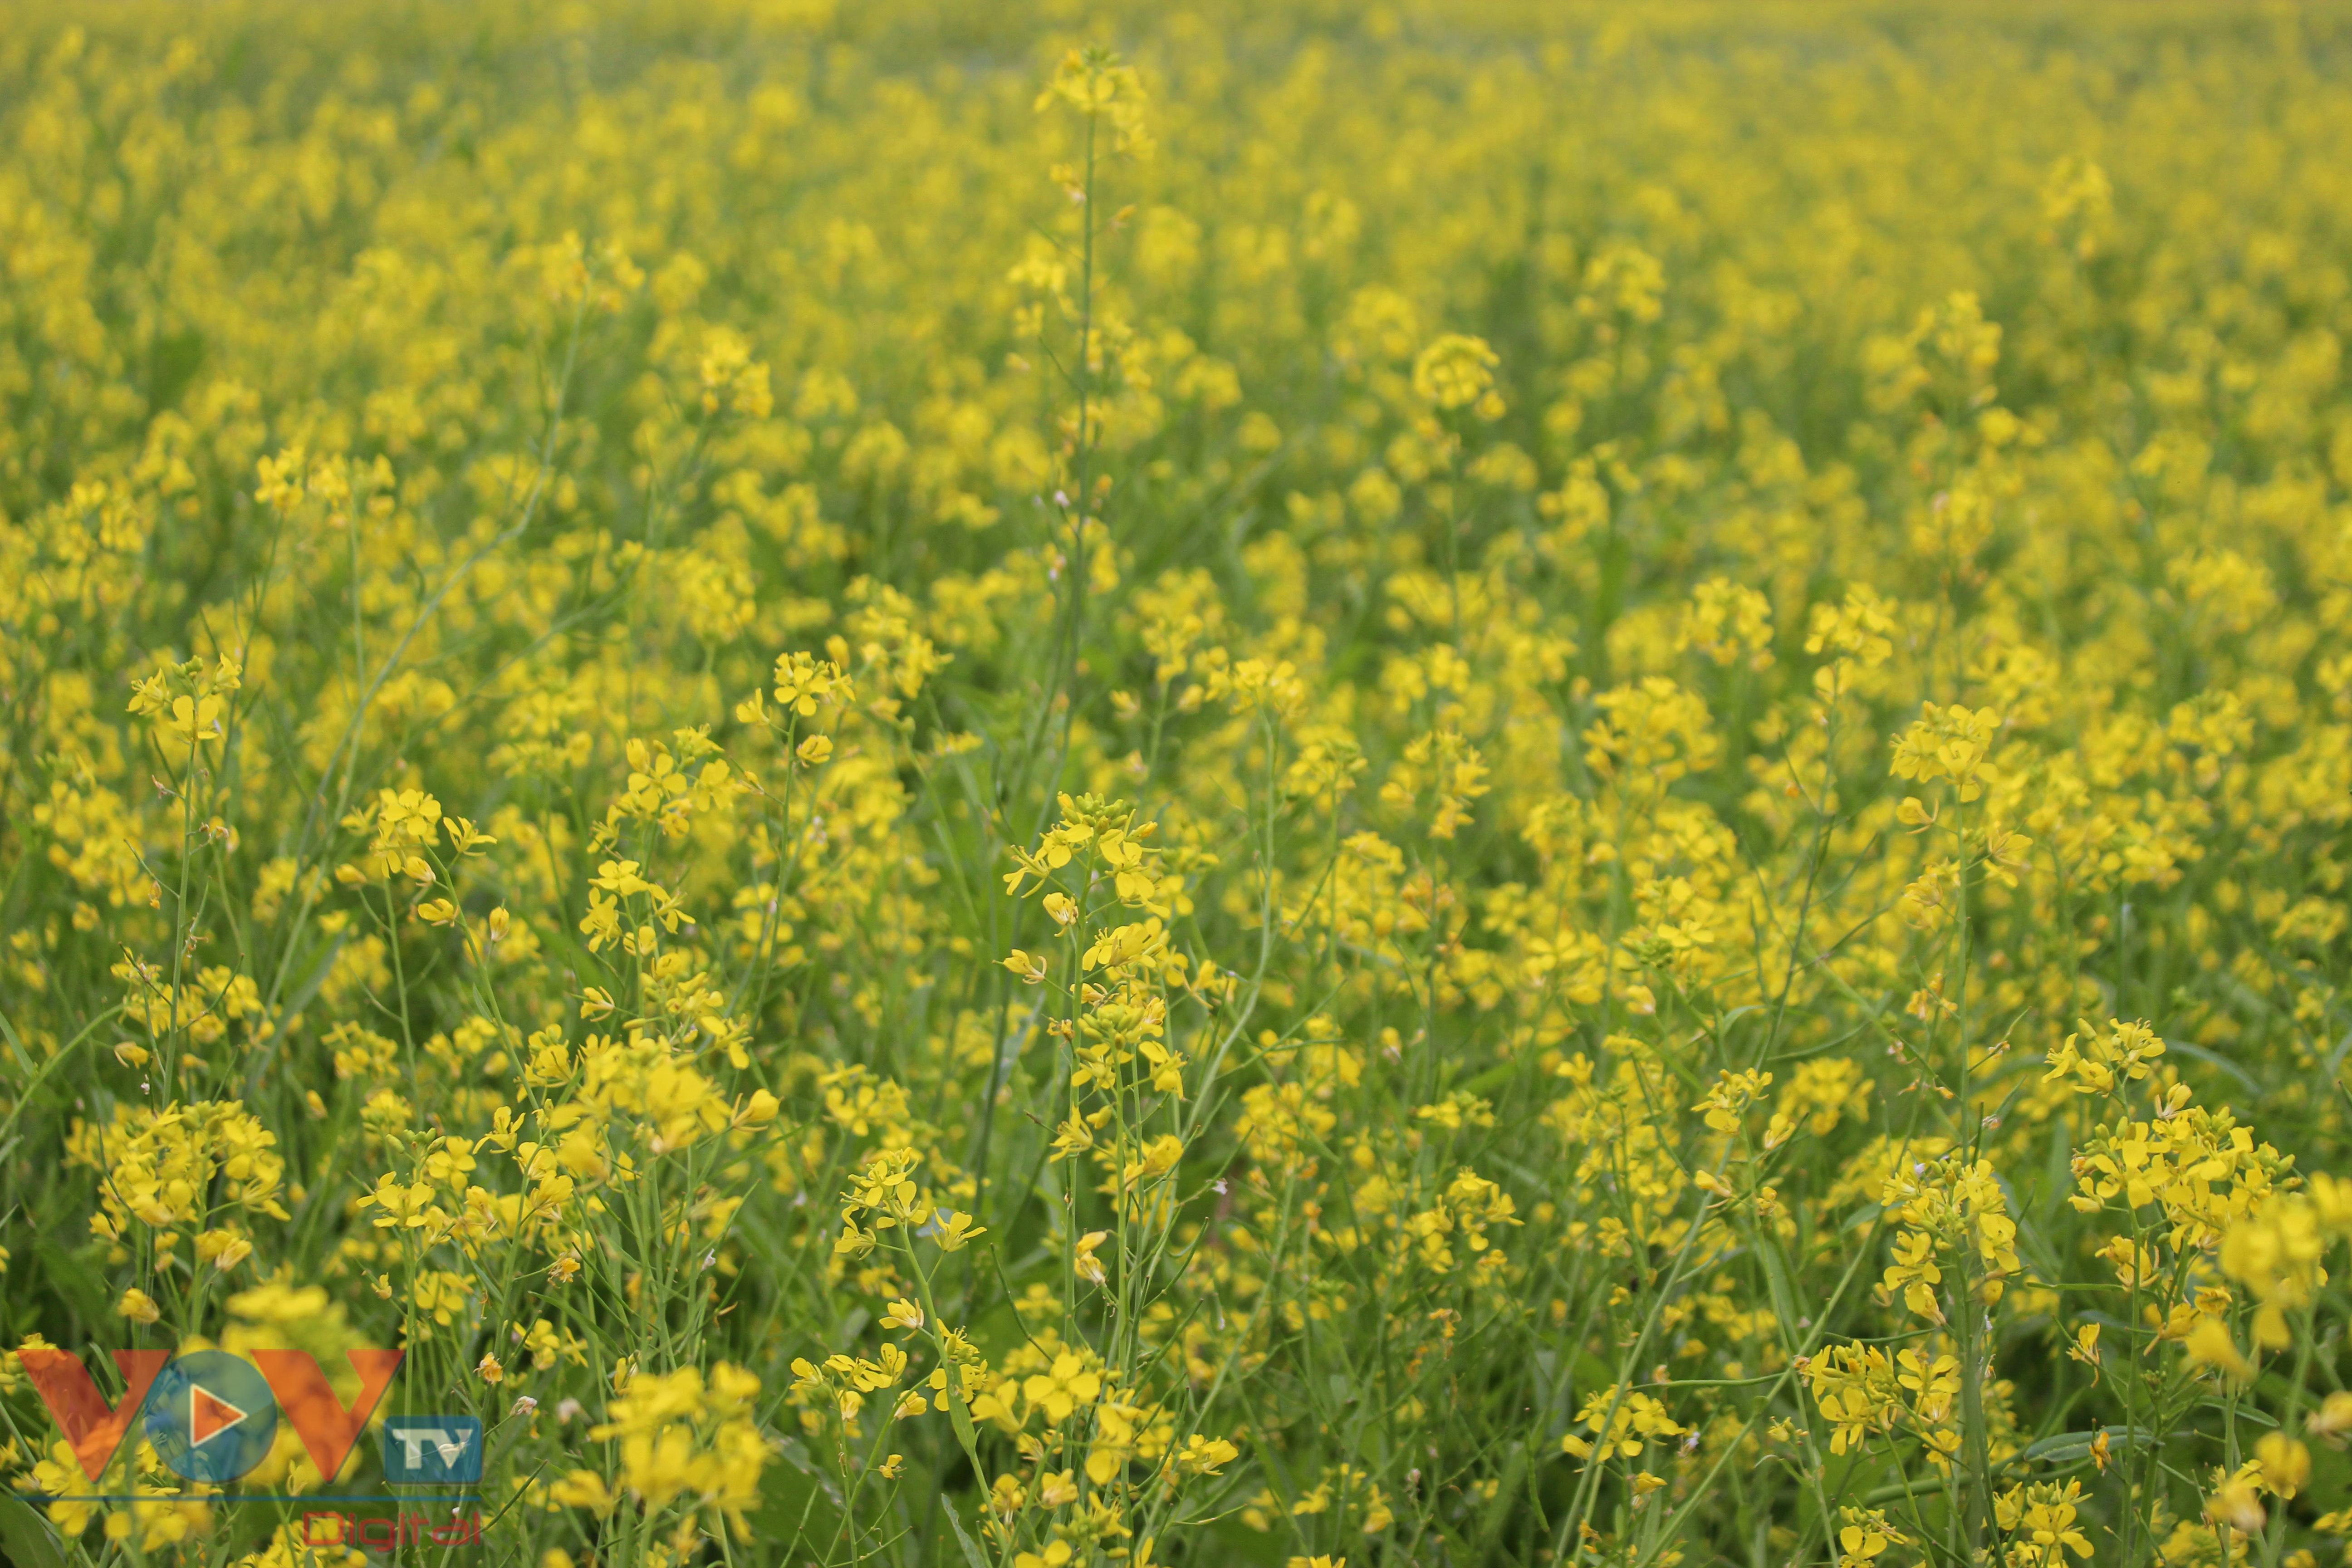 Rực rỡ cánh đồng hoa cải vàng ven sông - Ảnh 2.